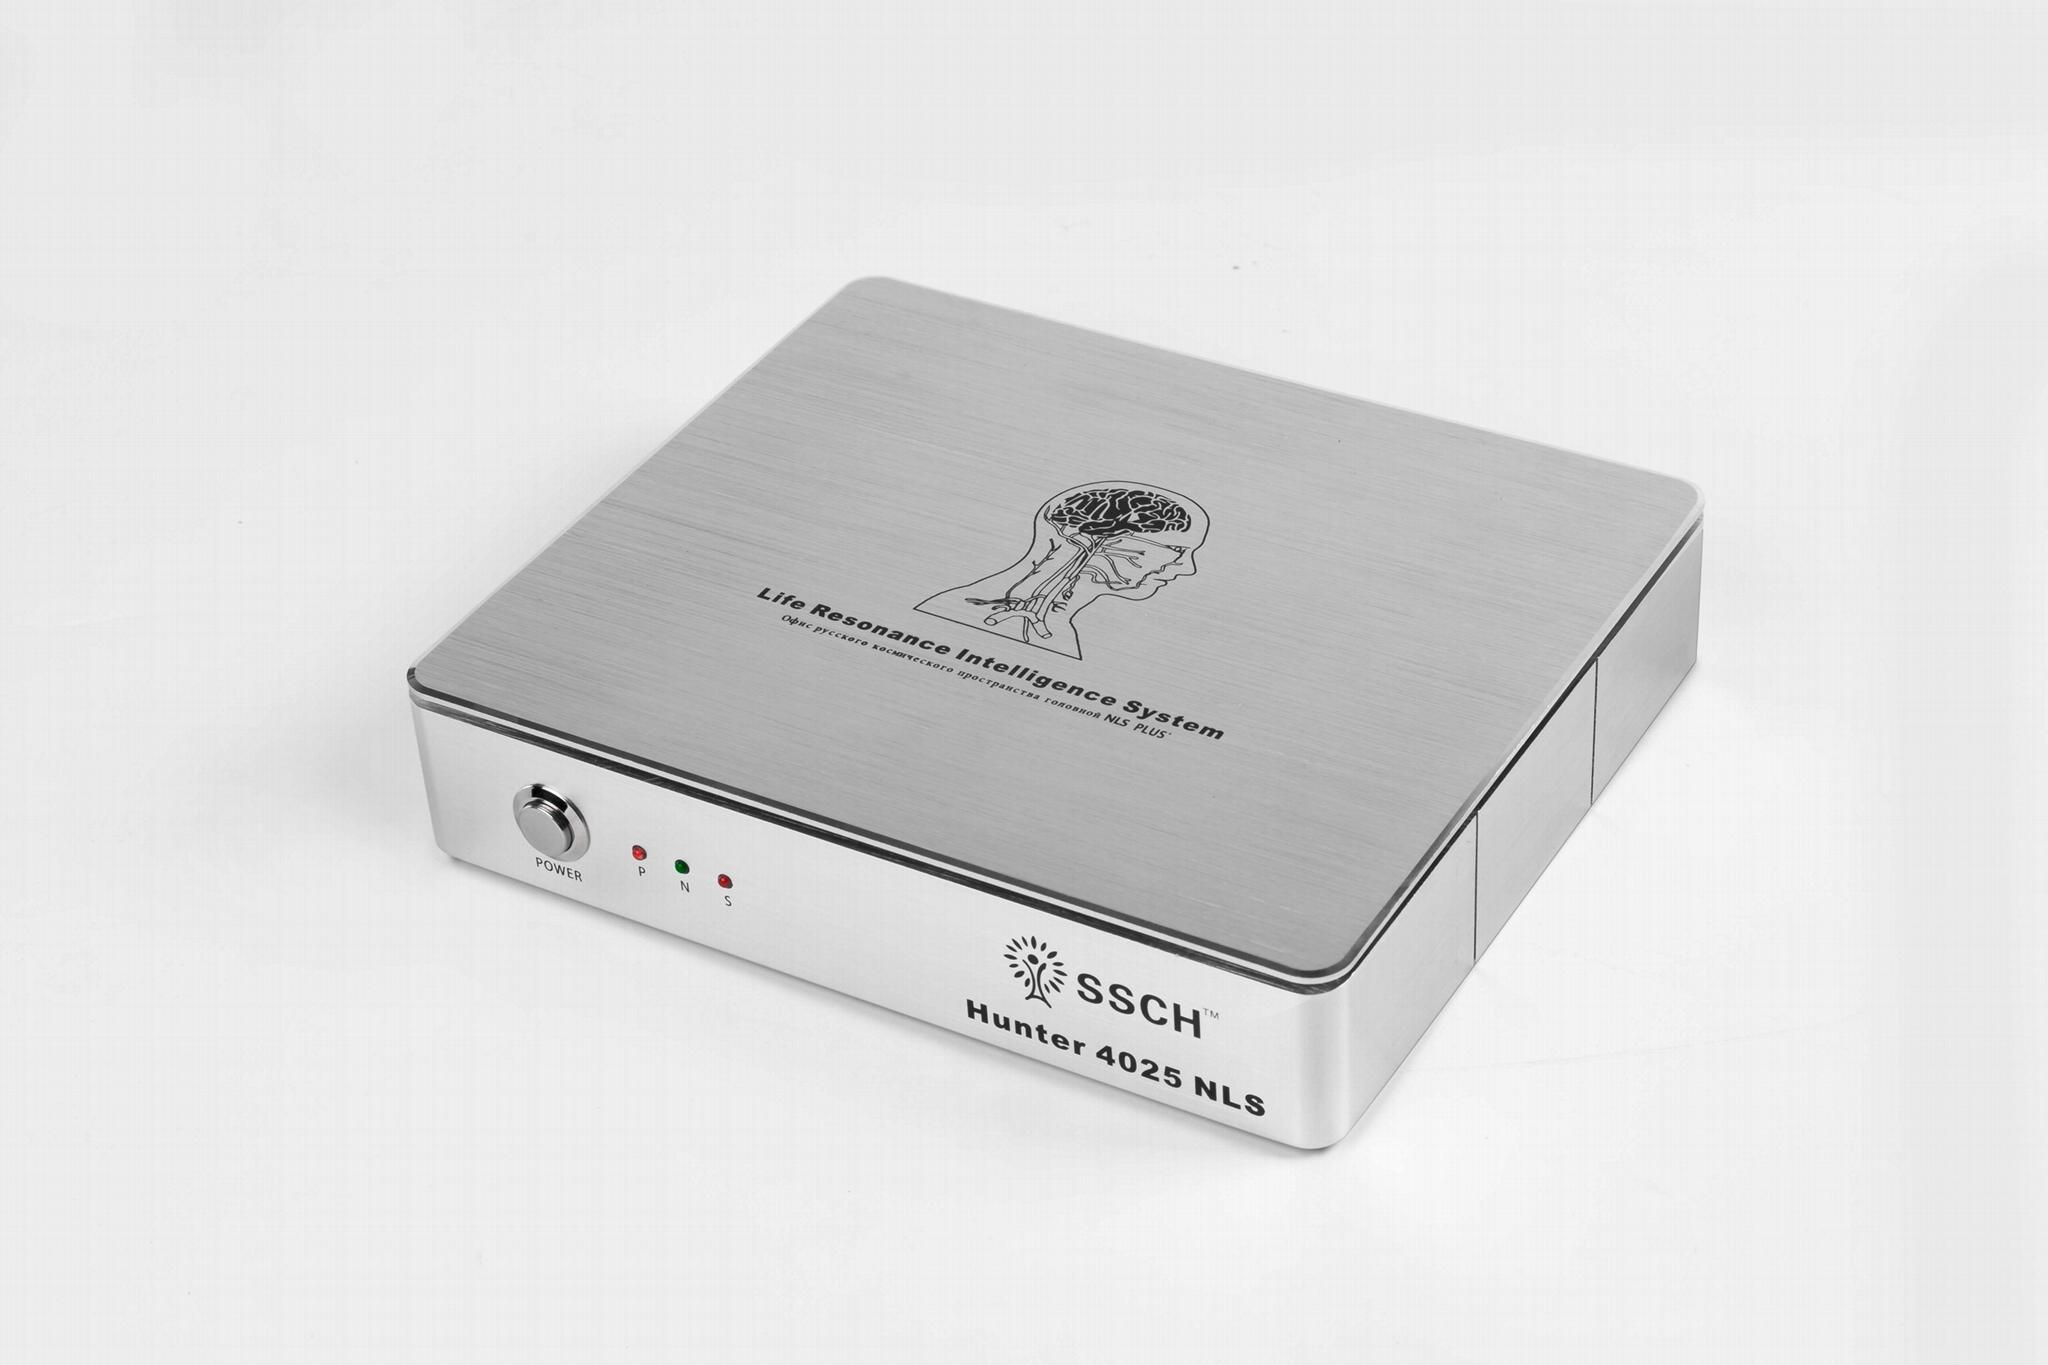 塔特隆獵人NLS系統卓瑪4025*生物共振健康掃描和治療 7